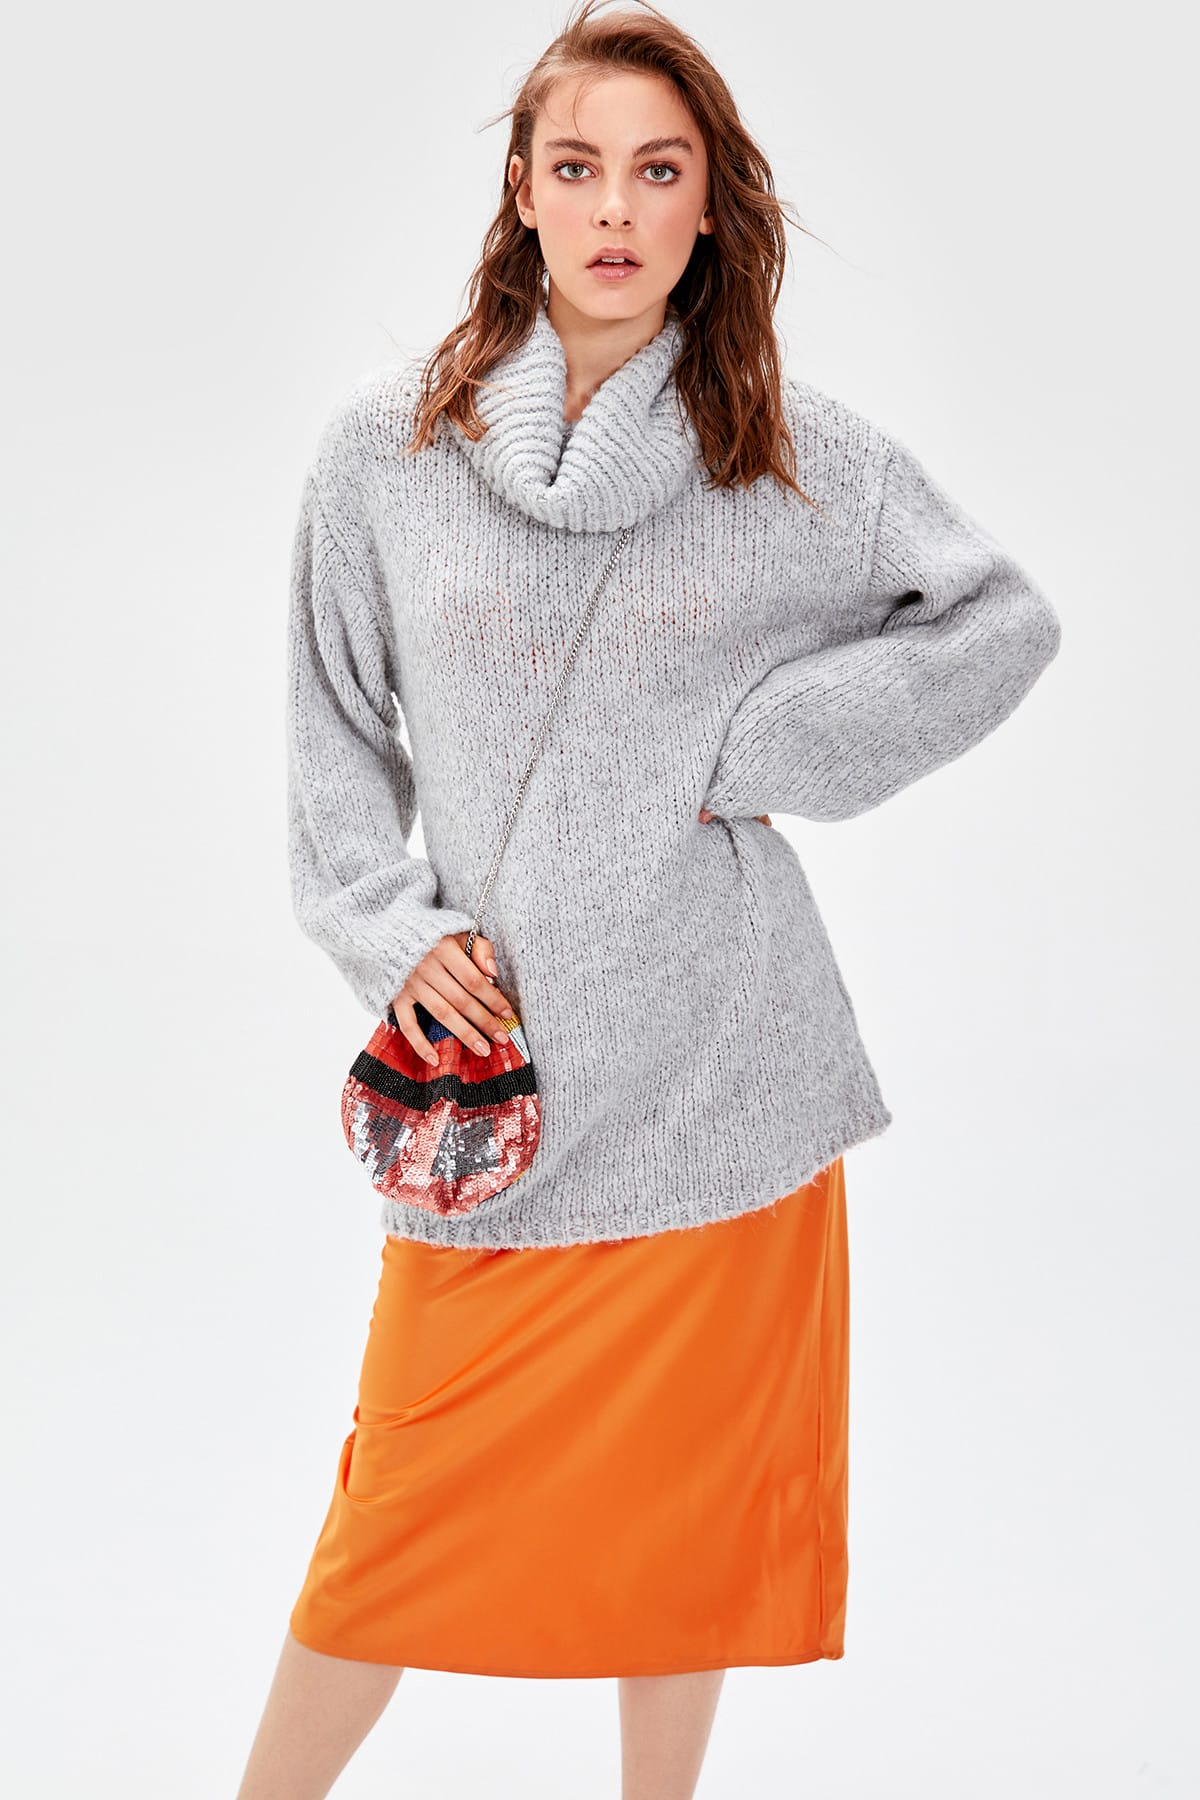 Trendyol WOMEN-Gray Funnel Collar Sweater Sweater TWOAW20NV0025